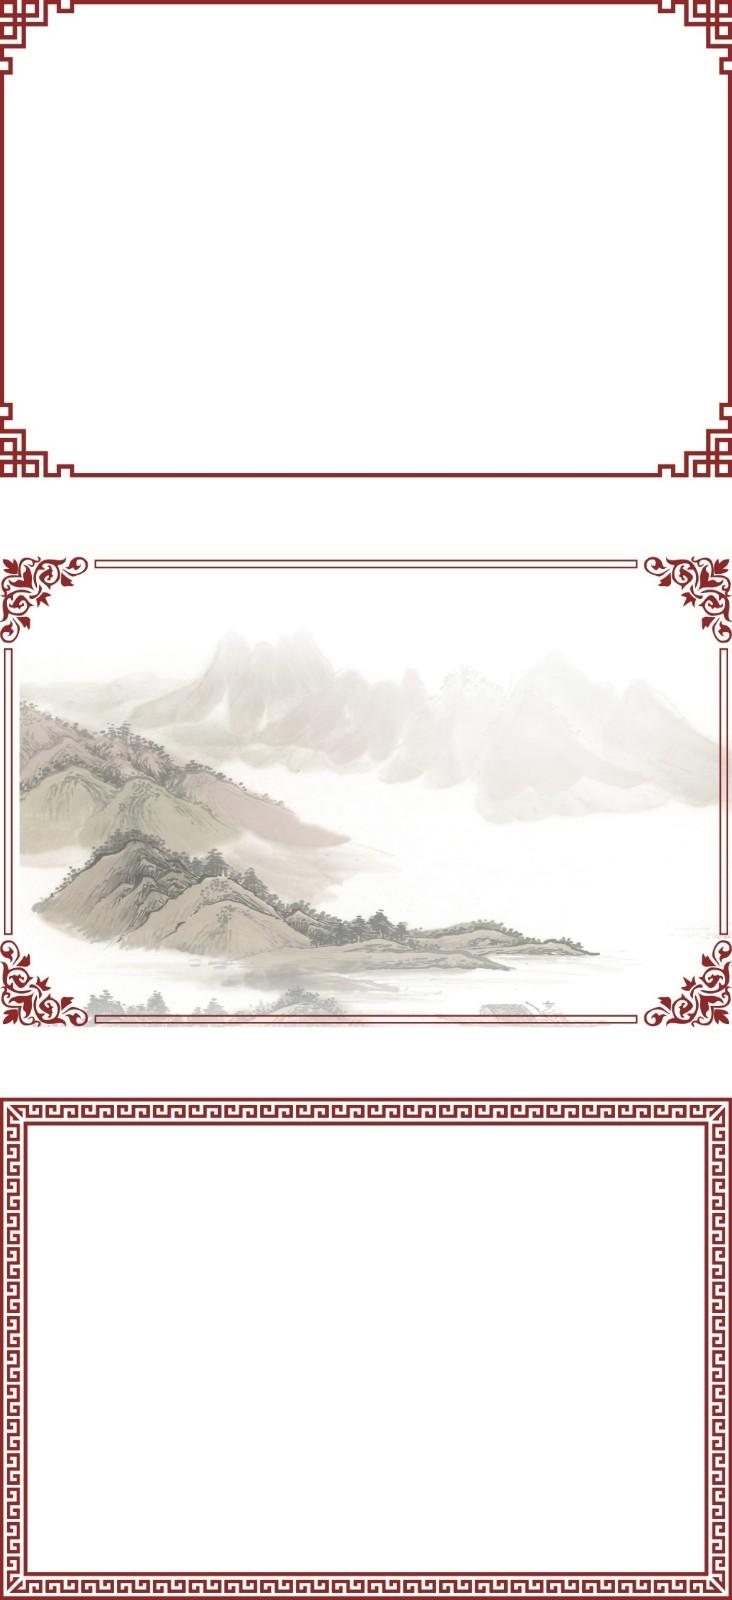 中国风复古边框